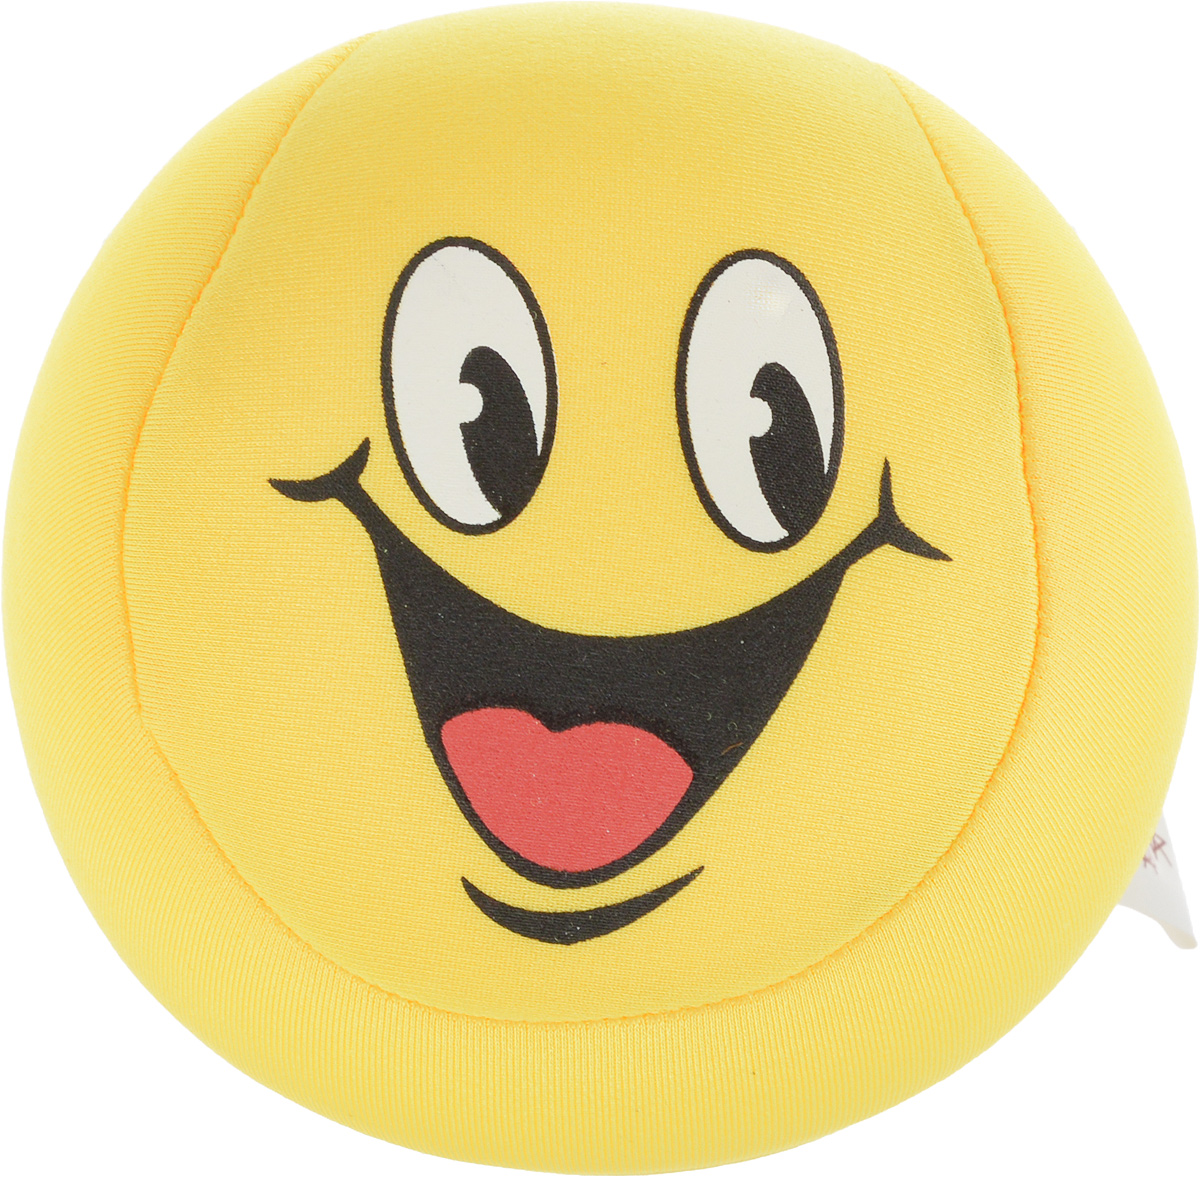 """Игрушка-антистресс Home Queen """"Смайлик"""", цвет: желтый, диаметр 10 см"""